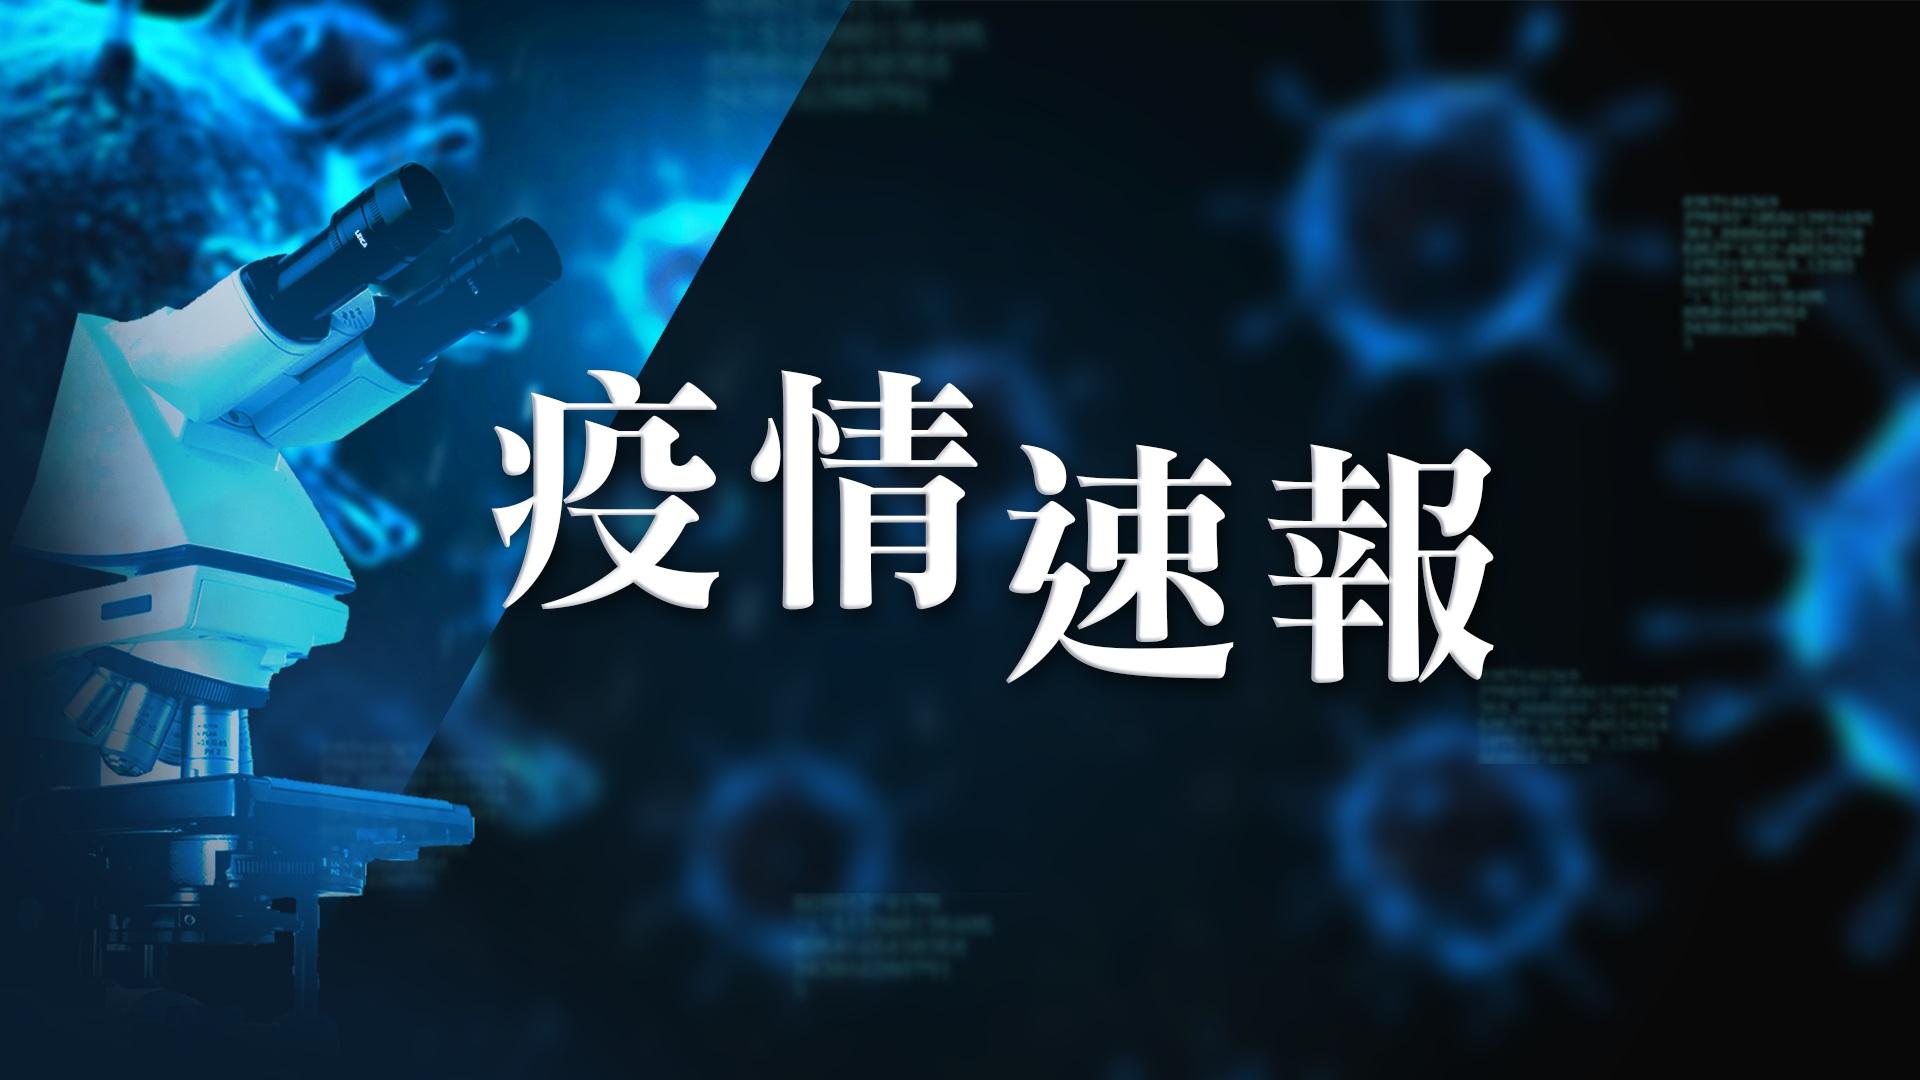 【1月25日疫情速報】(09:05)